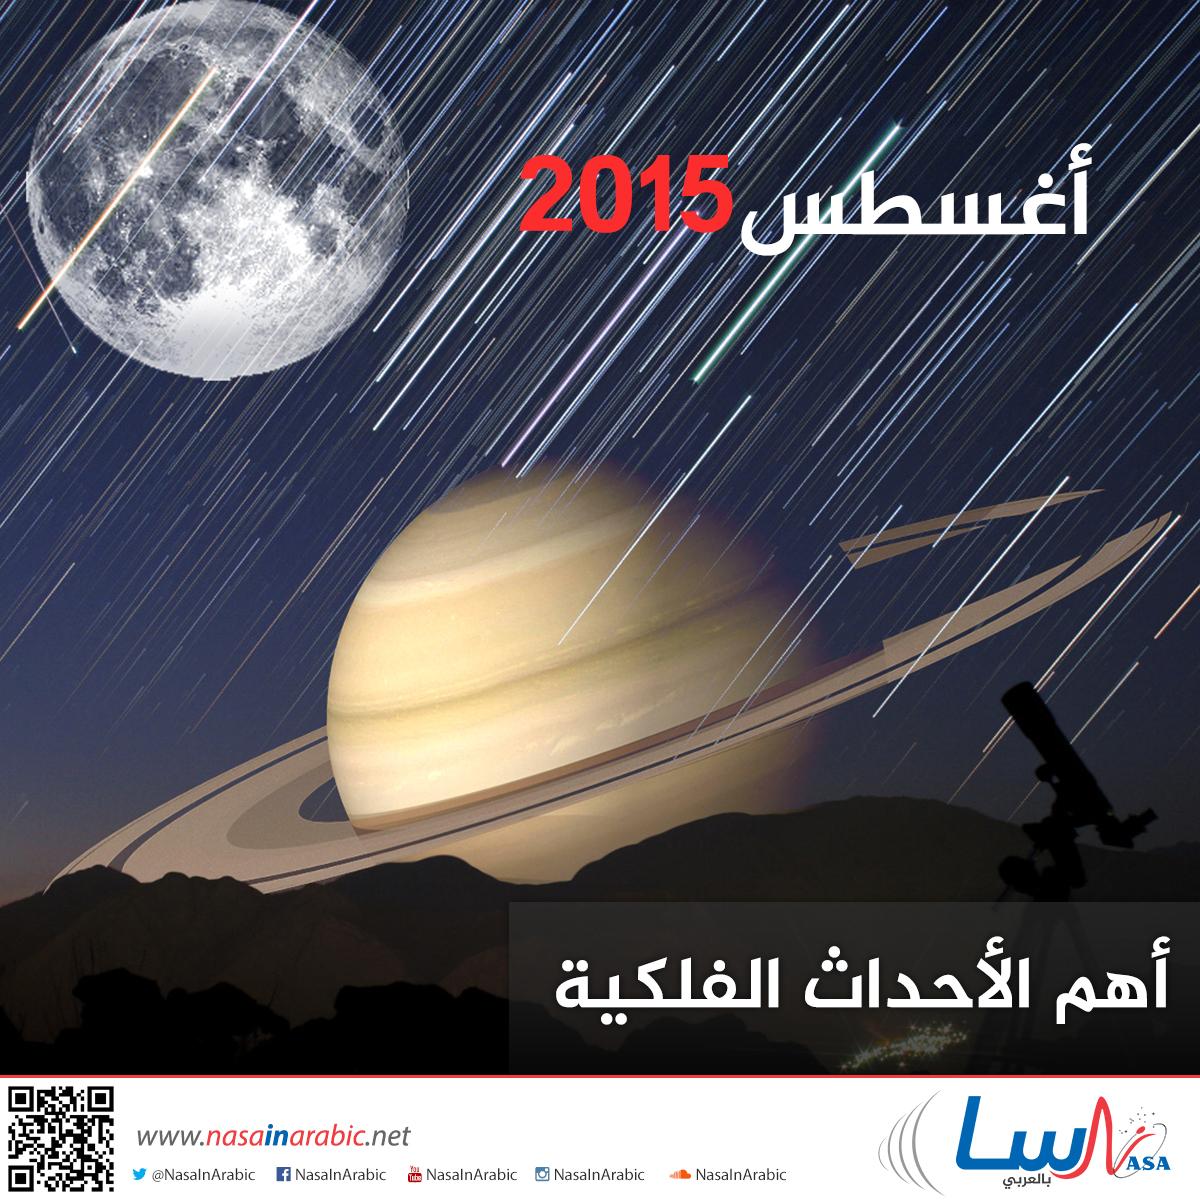 أهم الأحداث الفلكية خلال شهر آب/أغسطس 2015